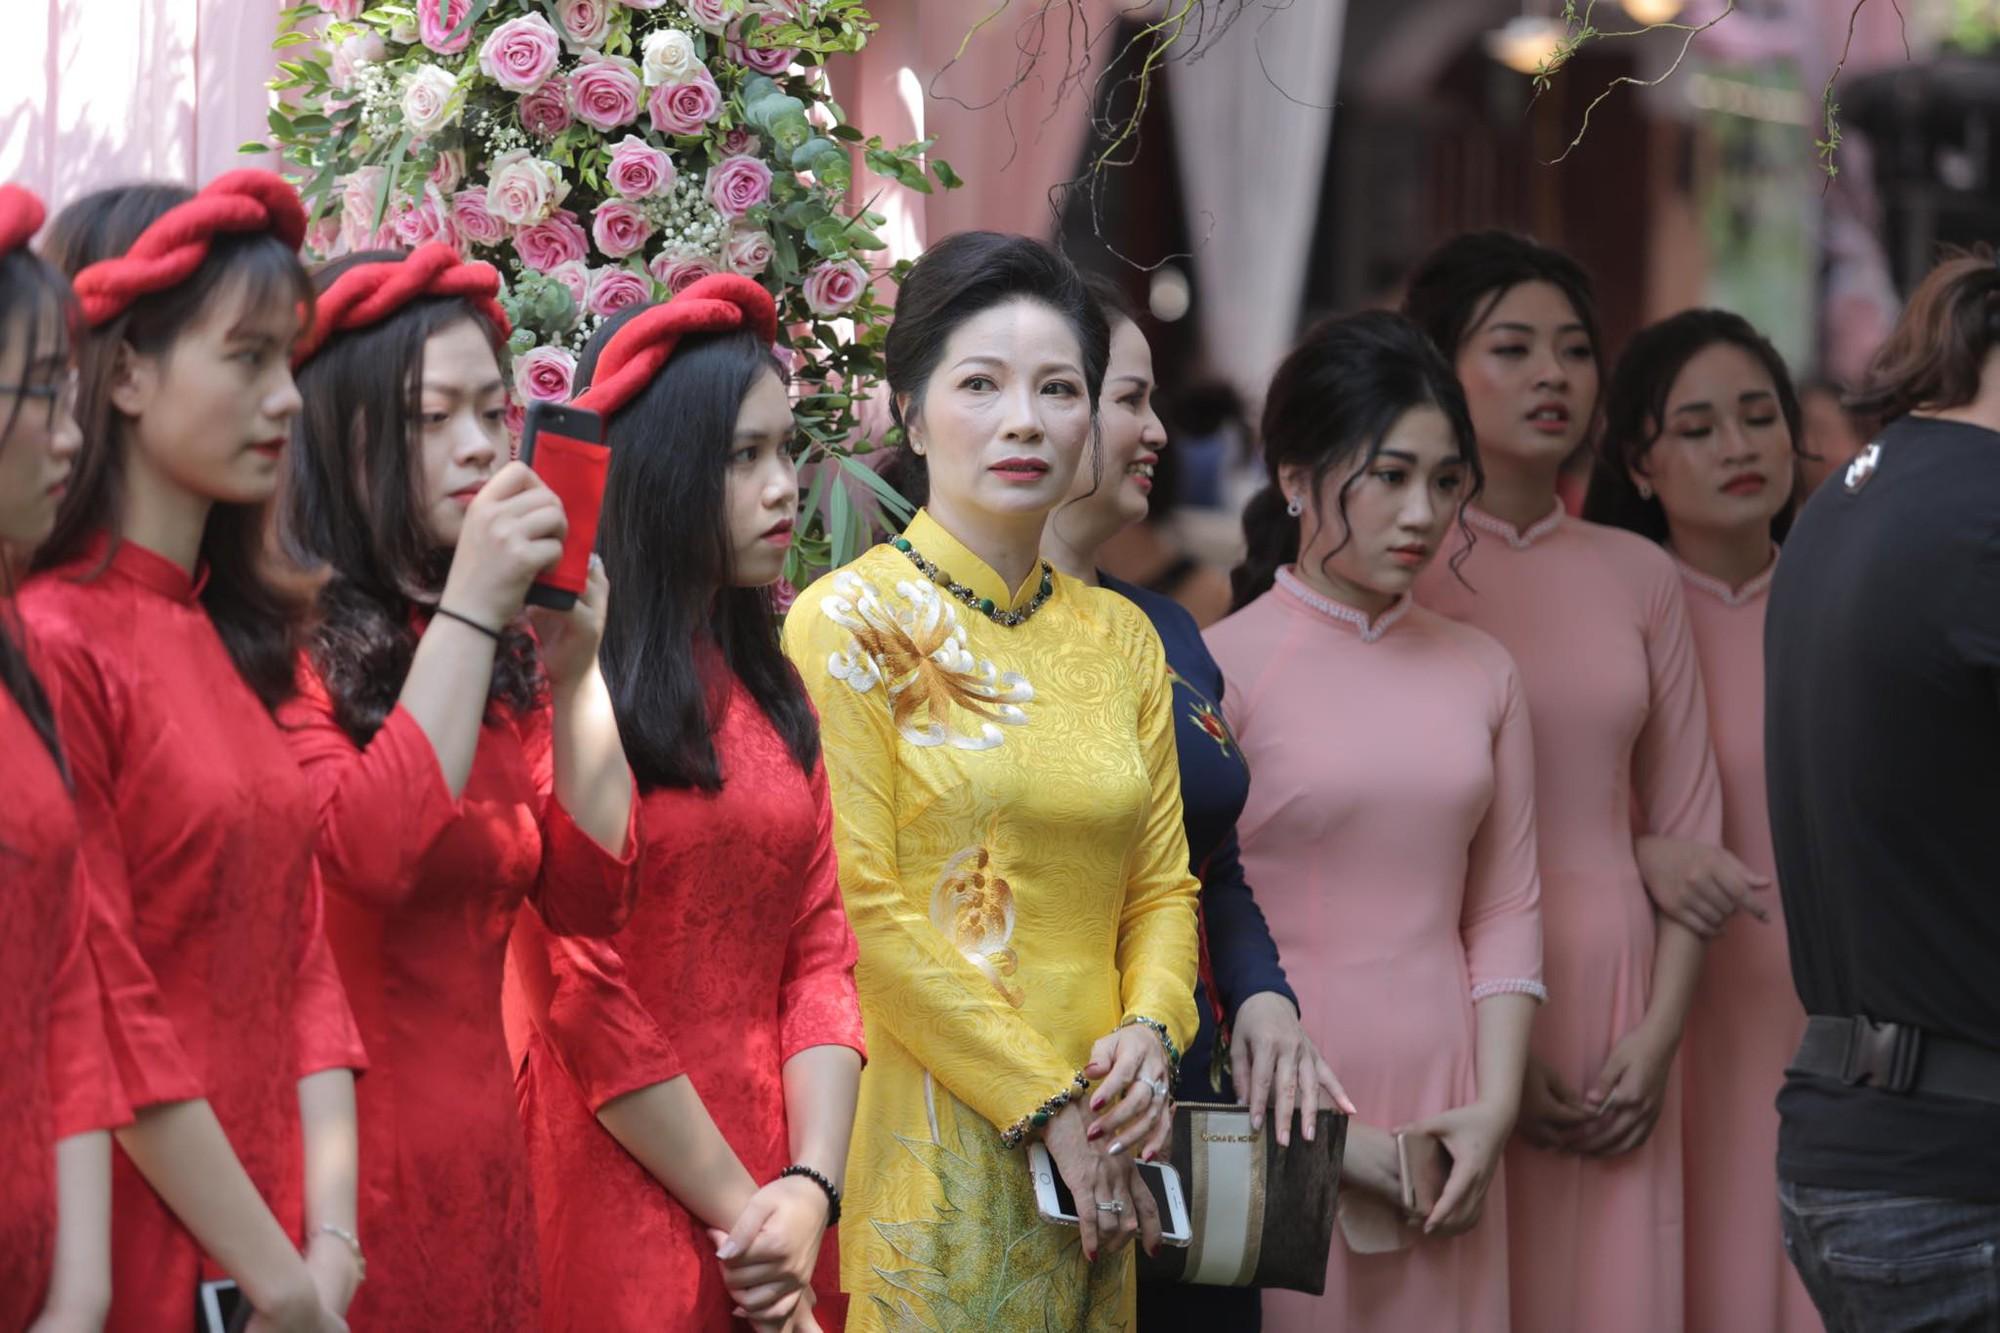 Bùi Tiến Dũng và cô dâu Khánh Linh hôn nhau say đắm, hát Nắm Lấy Tay Anh cực ngọt ngào-12